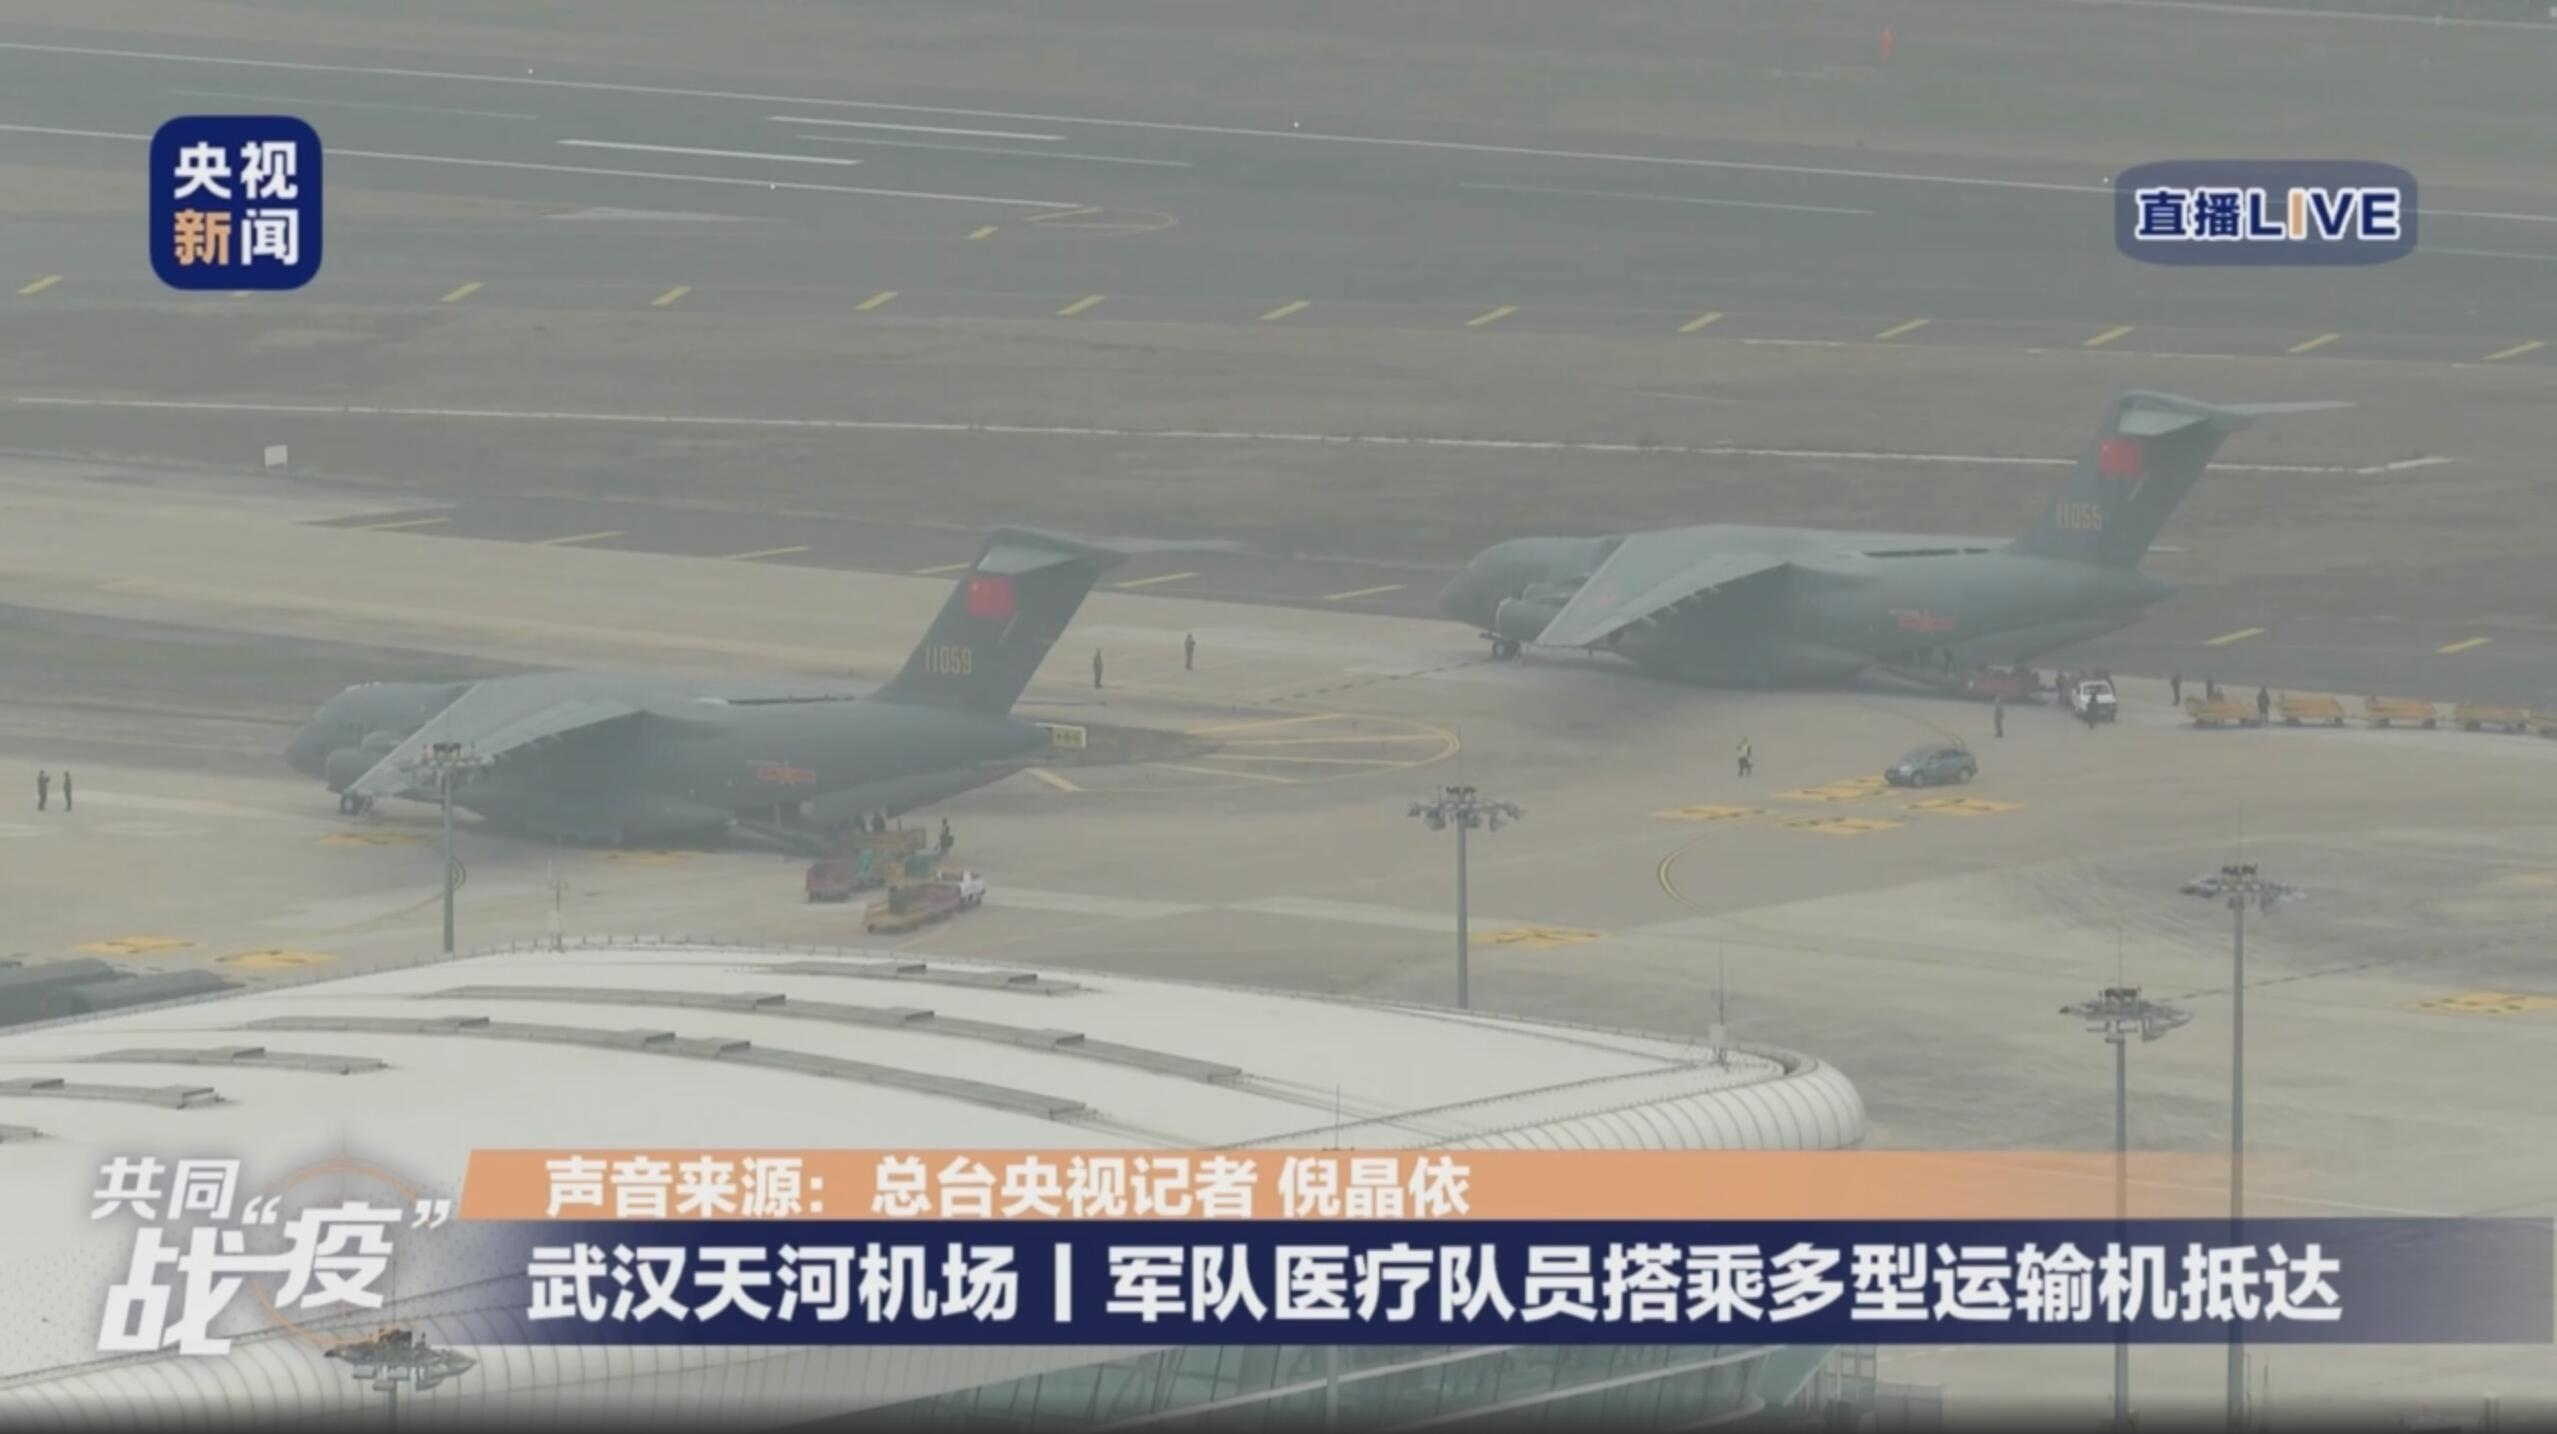 运20来了!近1000名军队支援湖北医疗队队员抵达武汉